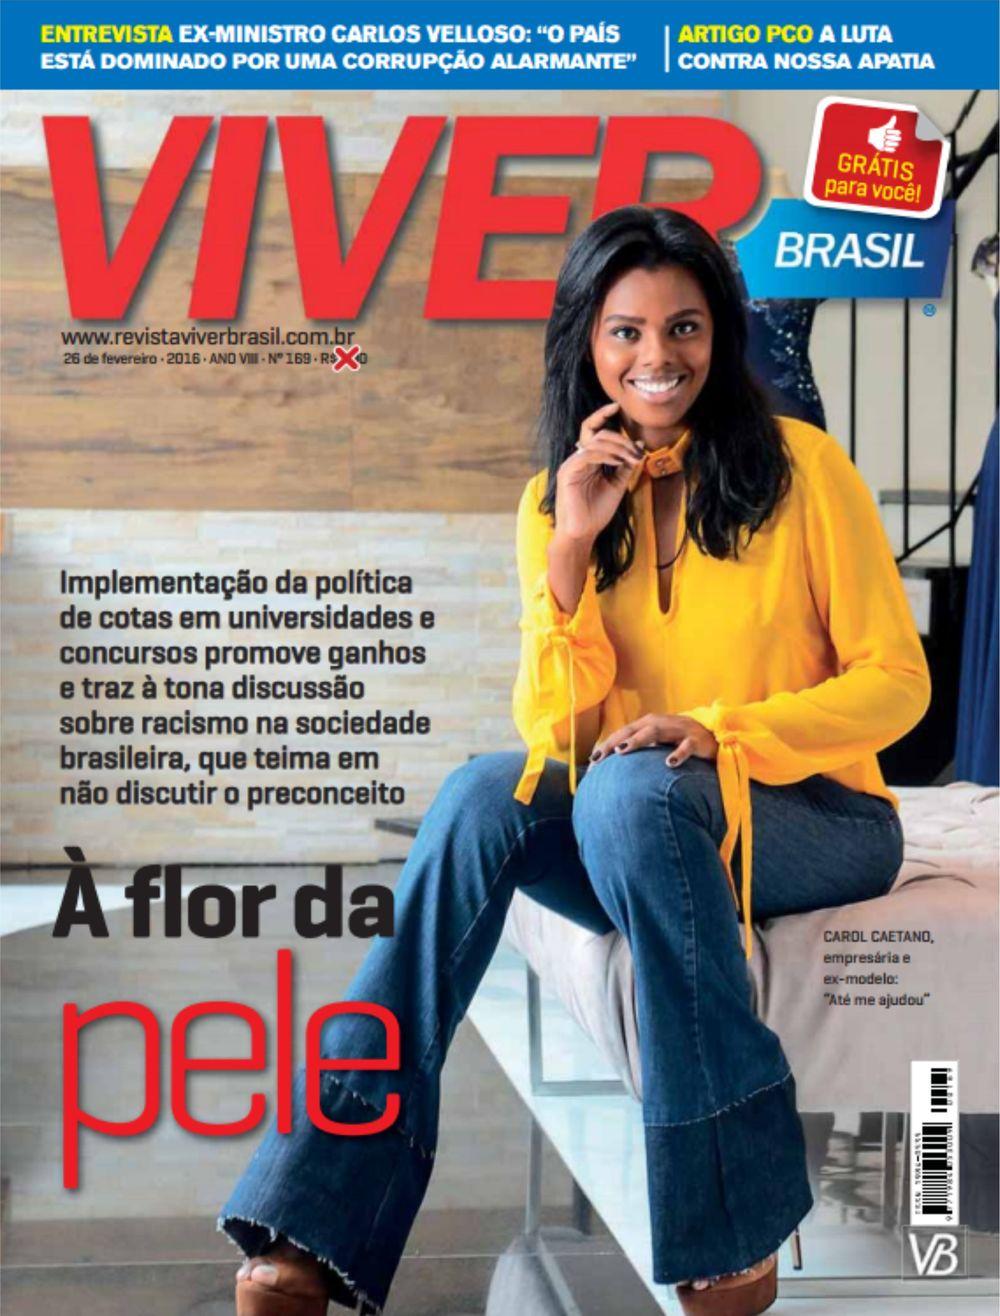 Cajo - Revista Viver Brasil - 26-02-2016 - capa.jpg